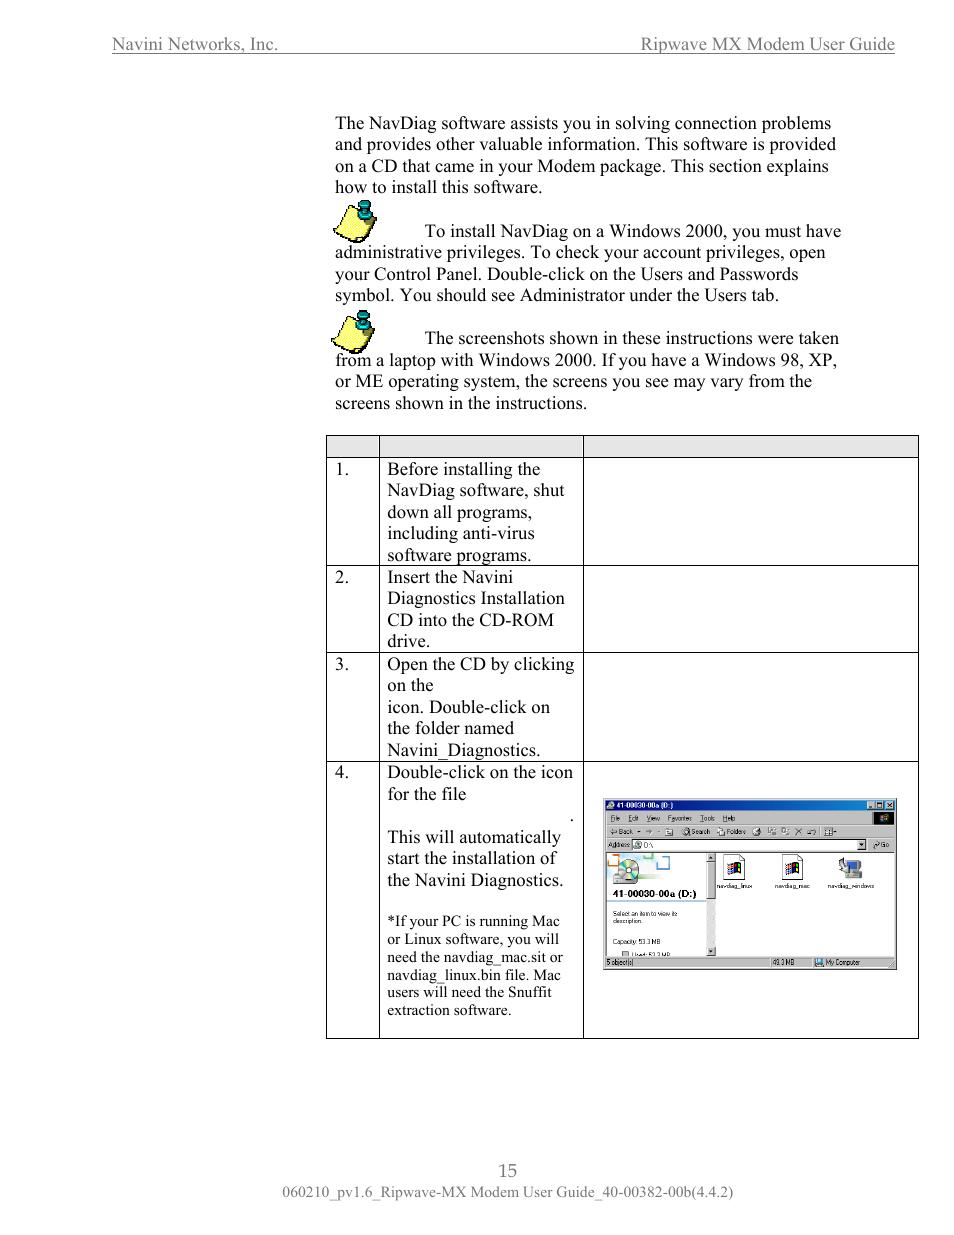 Installing navi diagnosti ni cs navdiag) | Navini Networks Ripwave